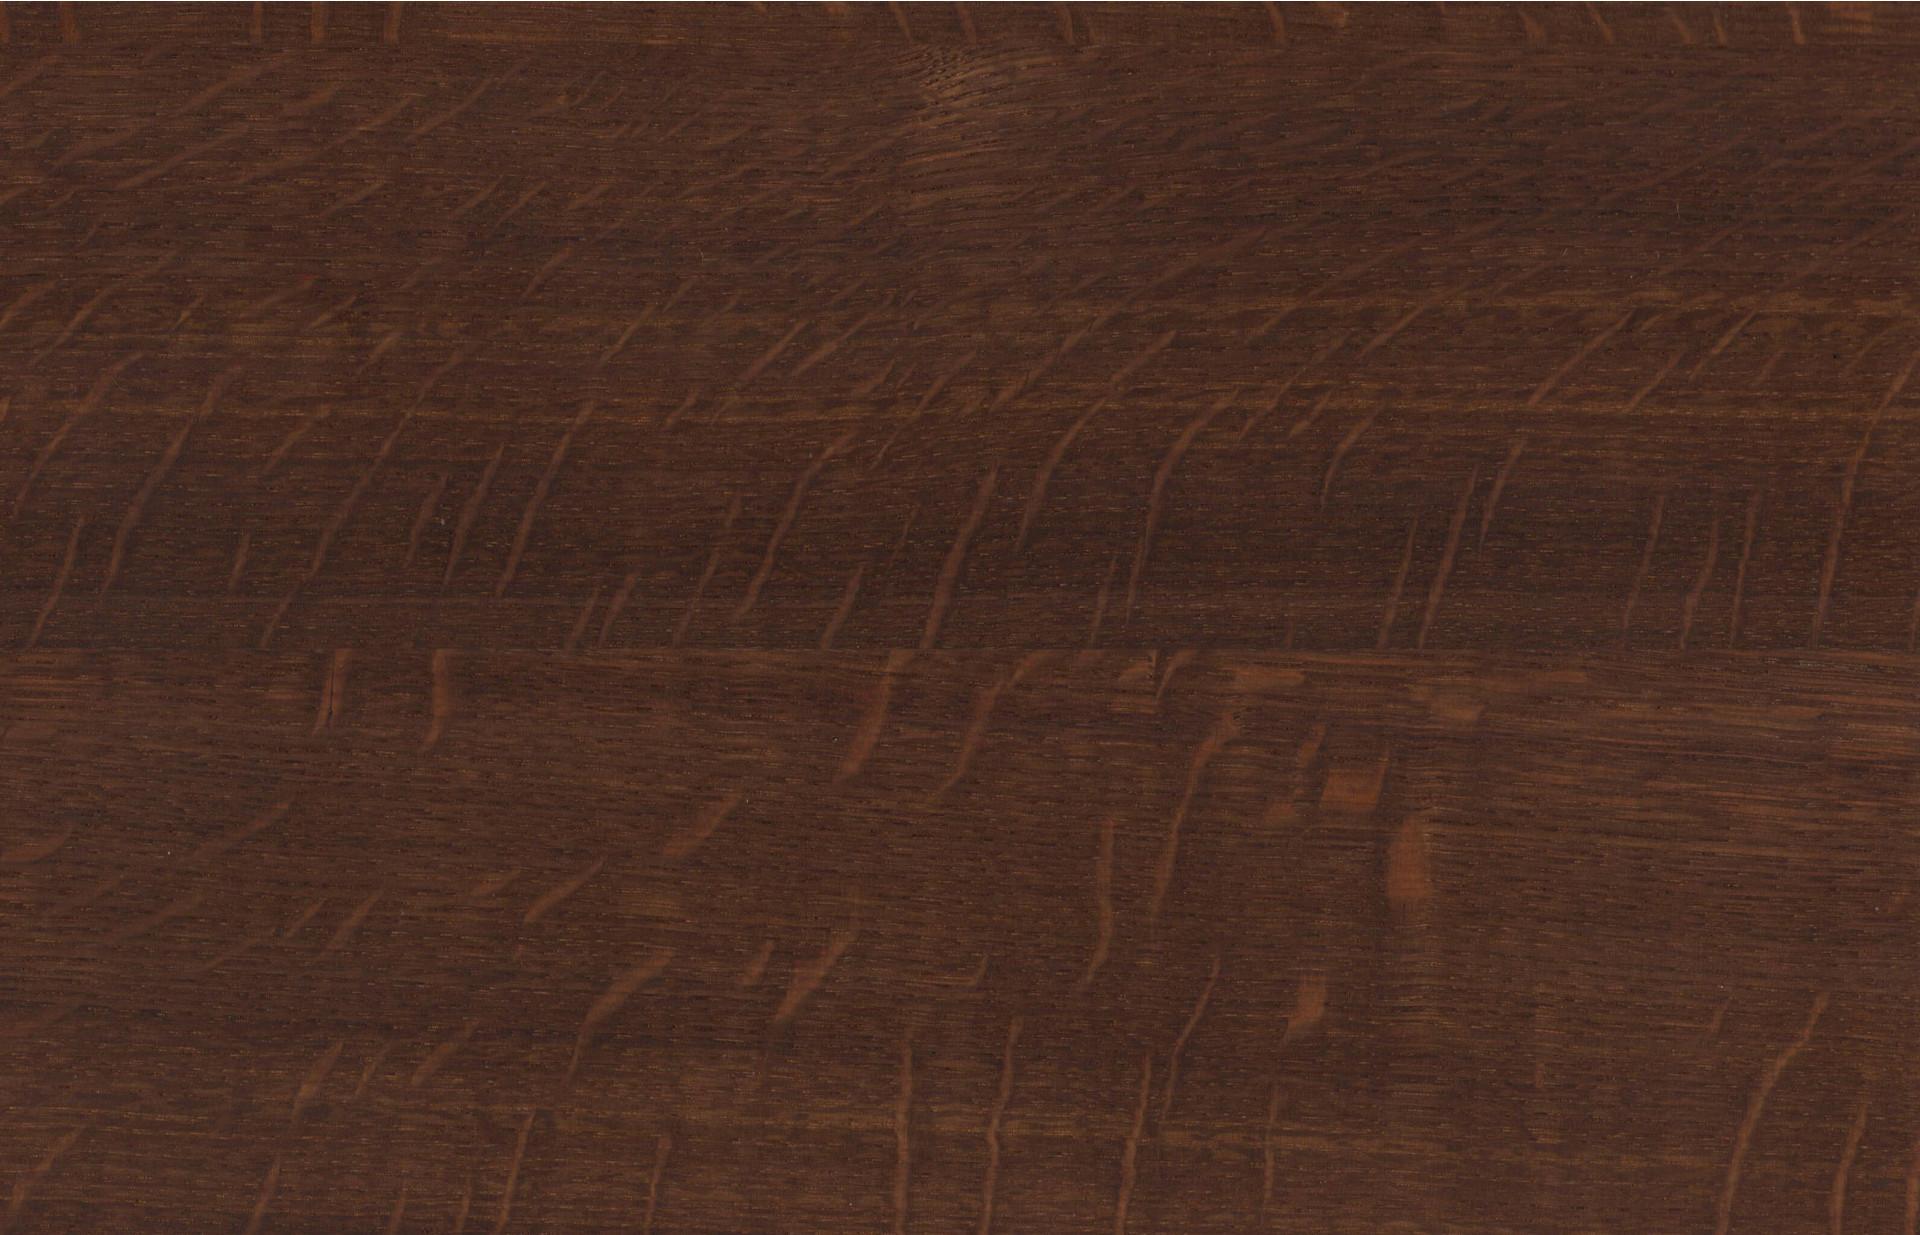 Holzmuster in Eiche geräuchert